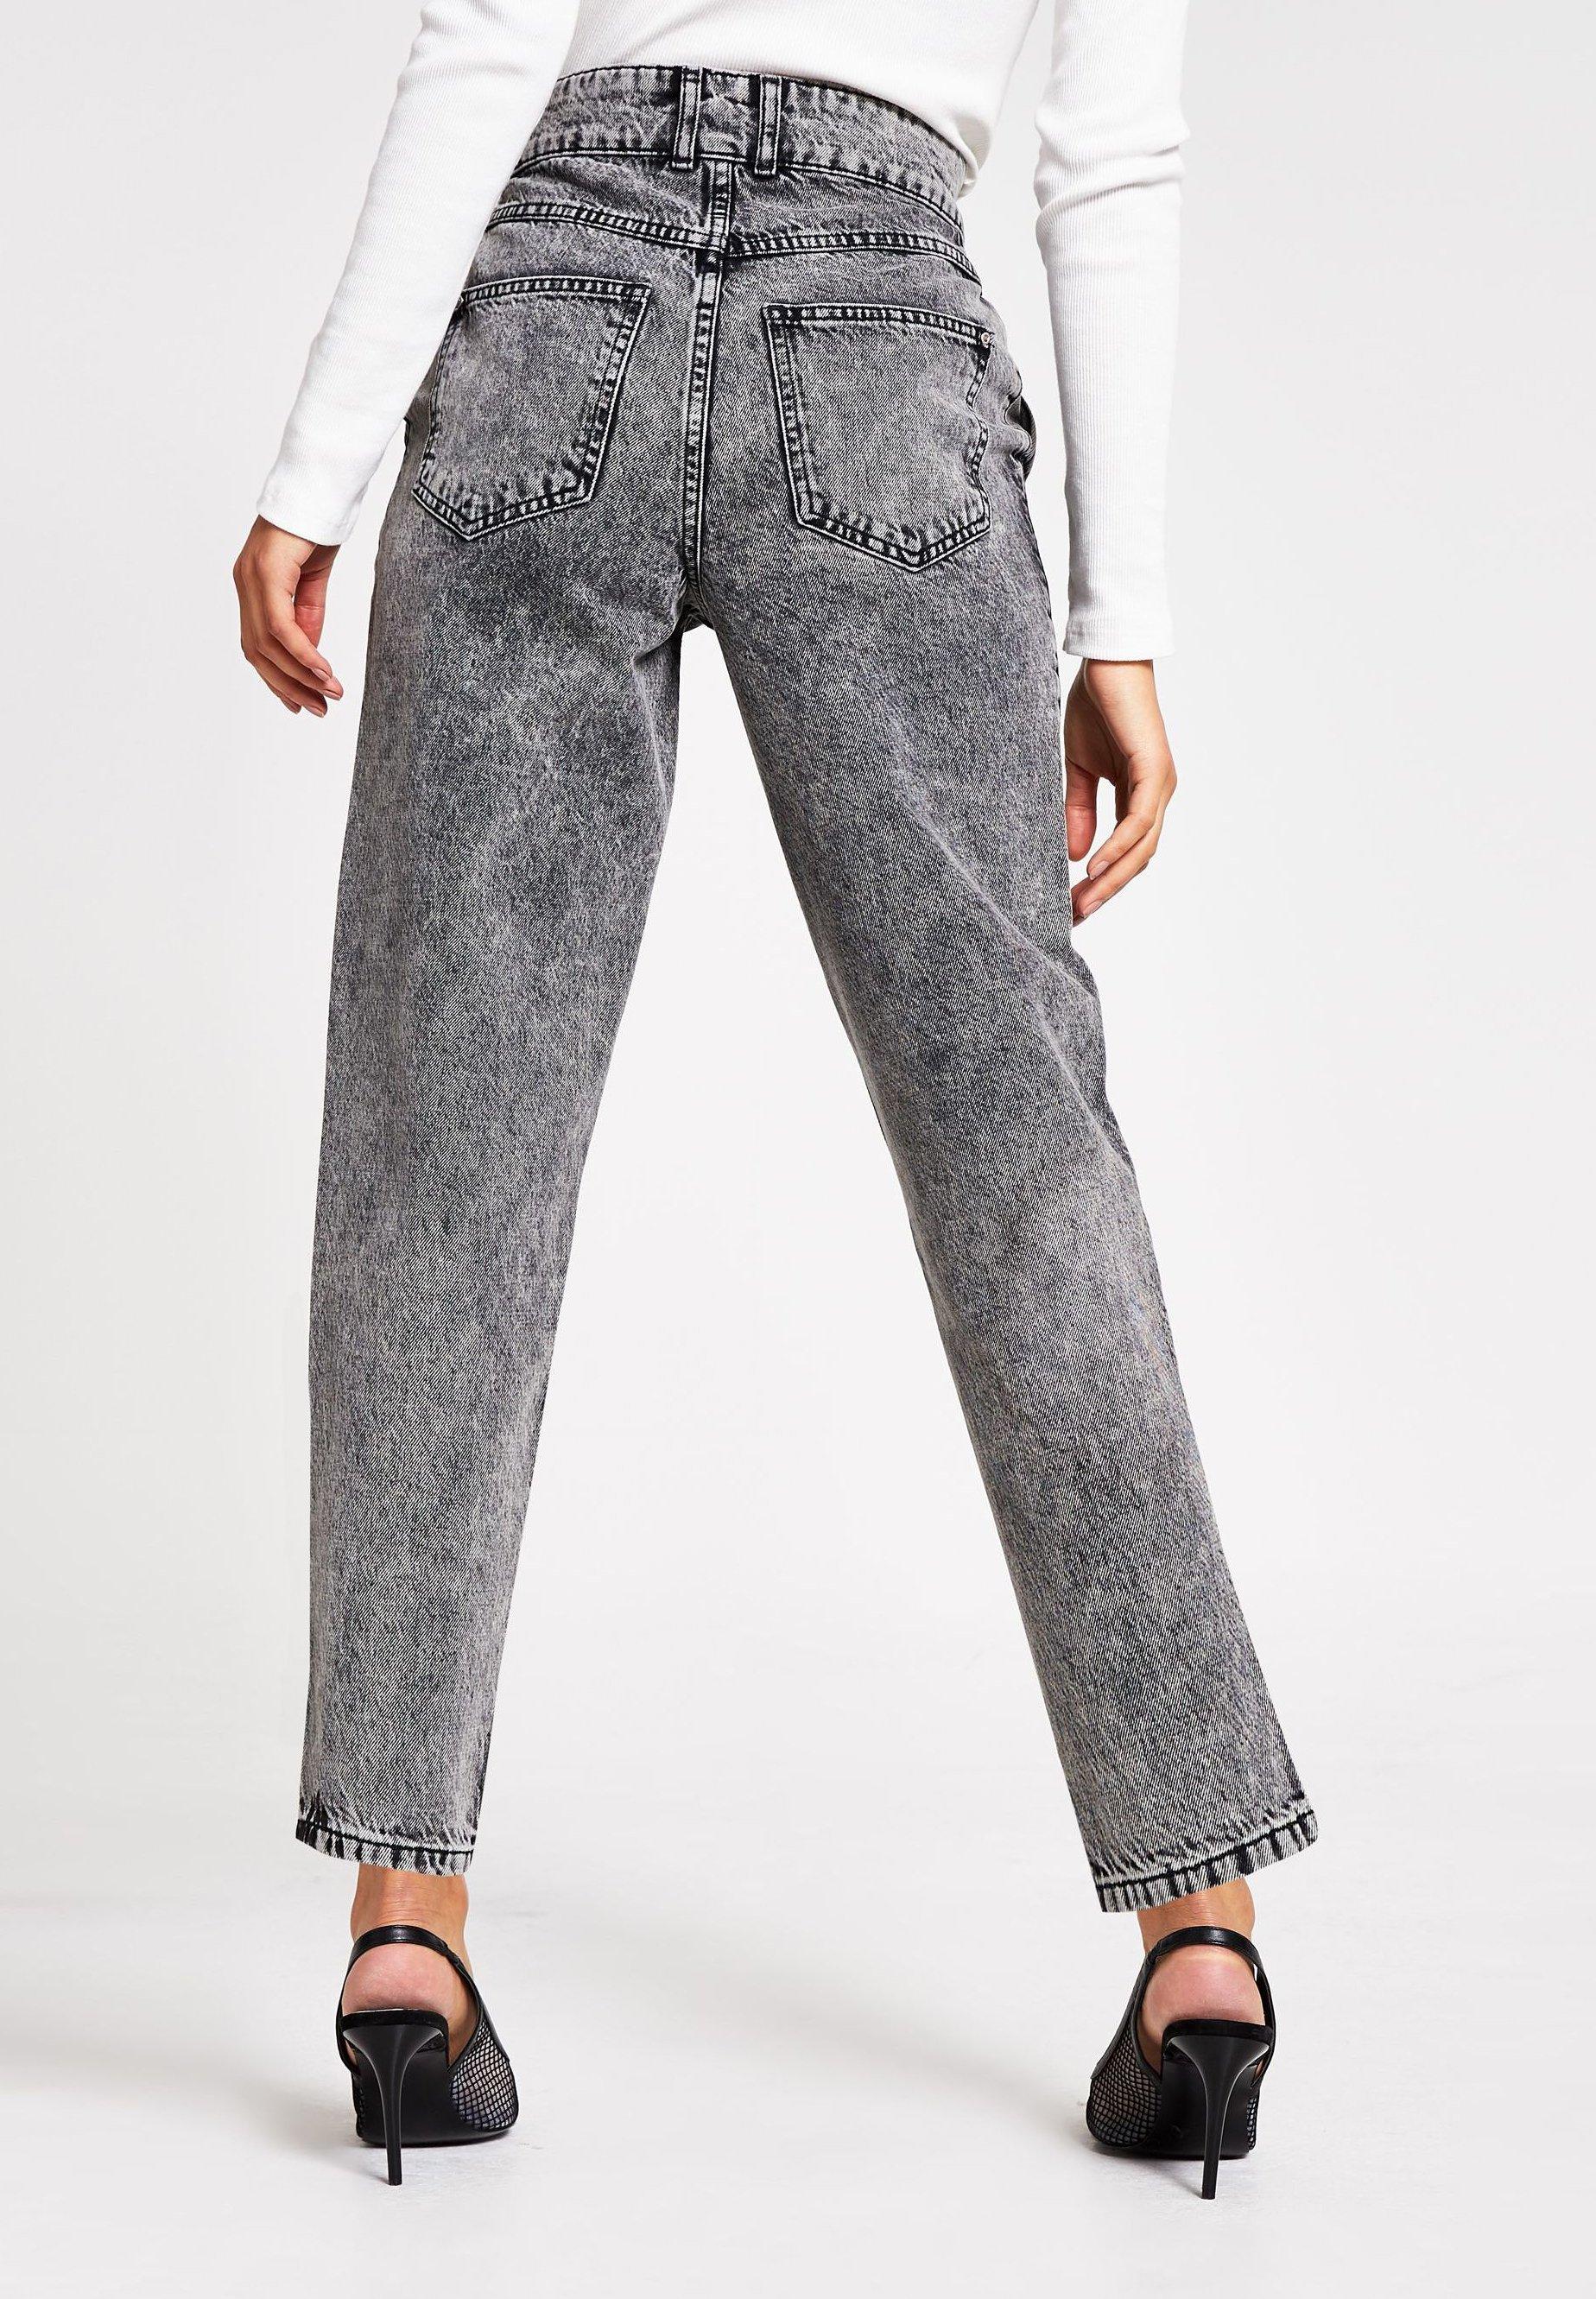 River Island Jeans fuselé - black - Jeans Femme 4NlnW